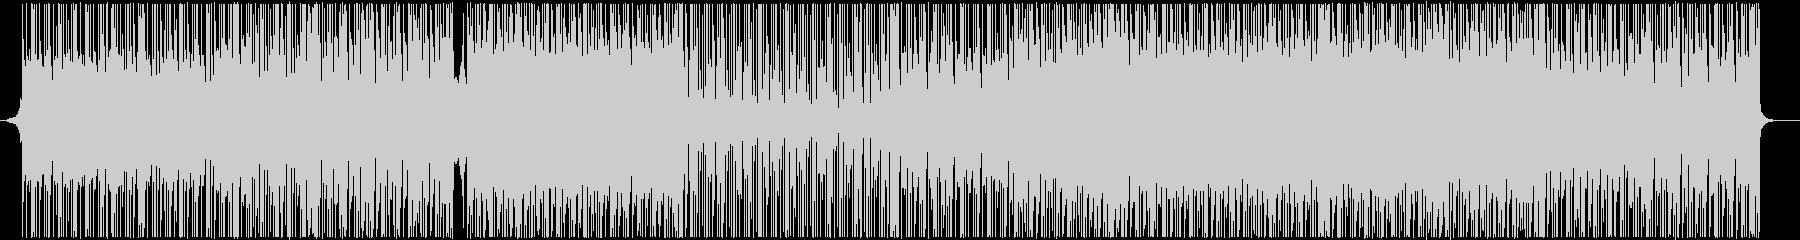 明るく前進感のあるエレキギターシンセの未再生の波形